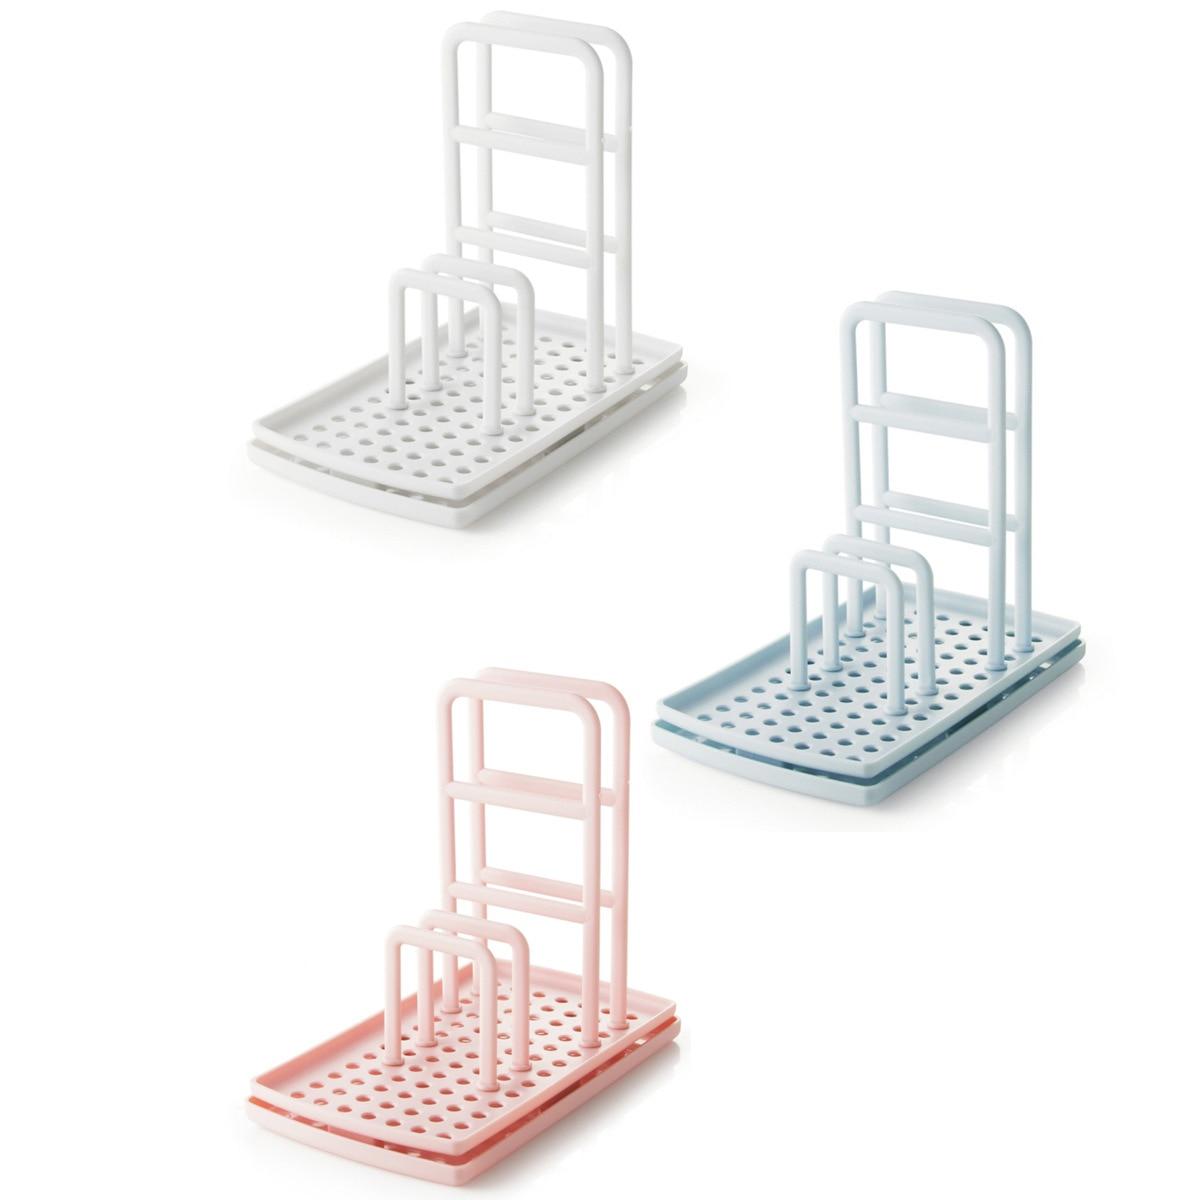 2021 кухонный стол тряпичная стойка многофункциональная посуда